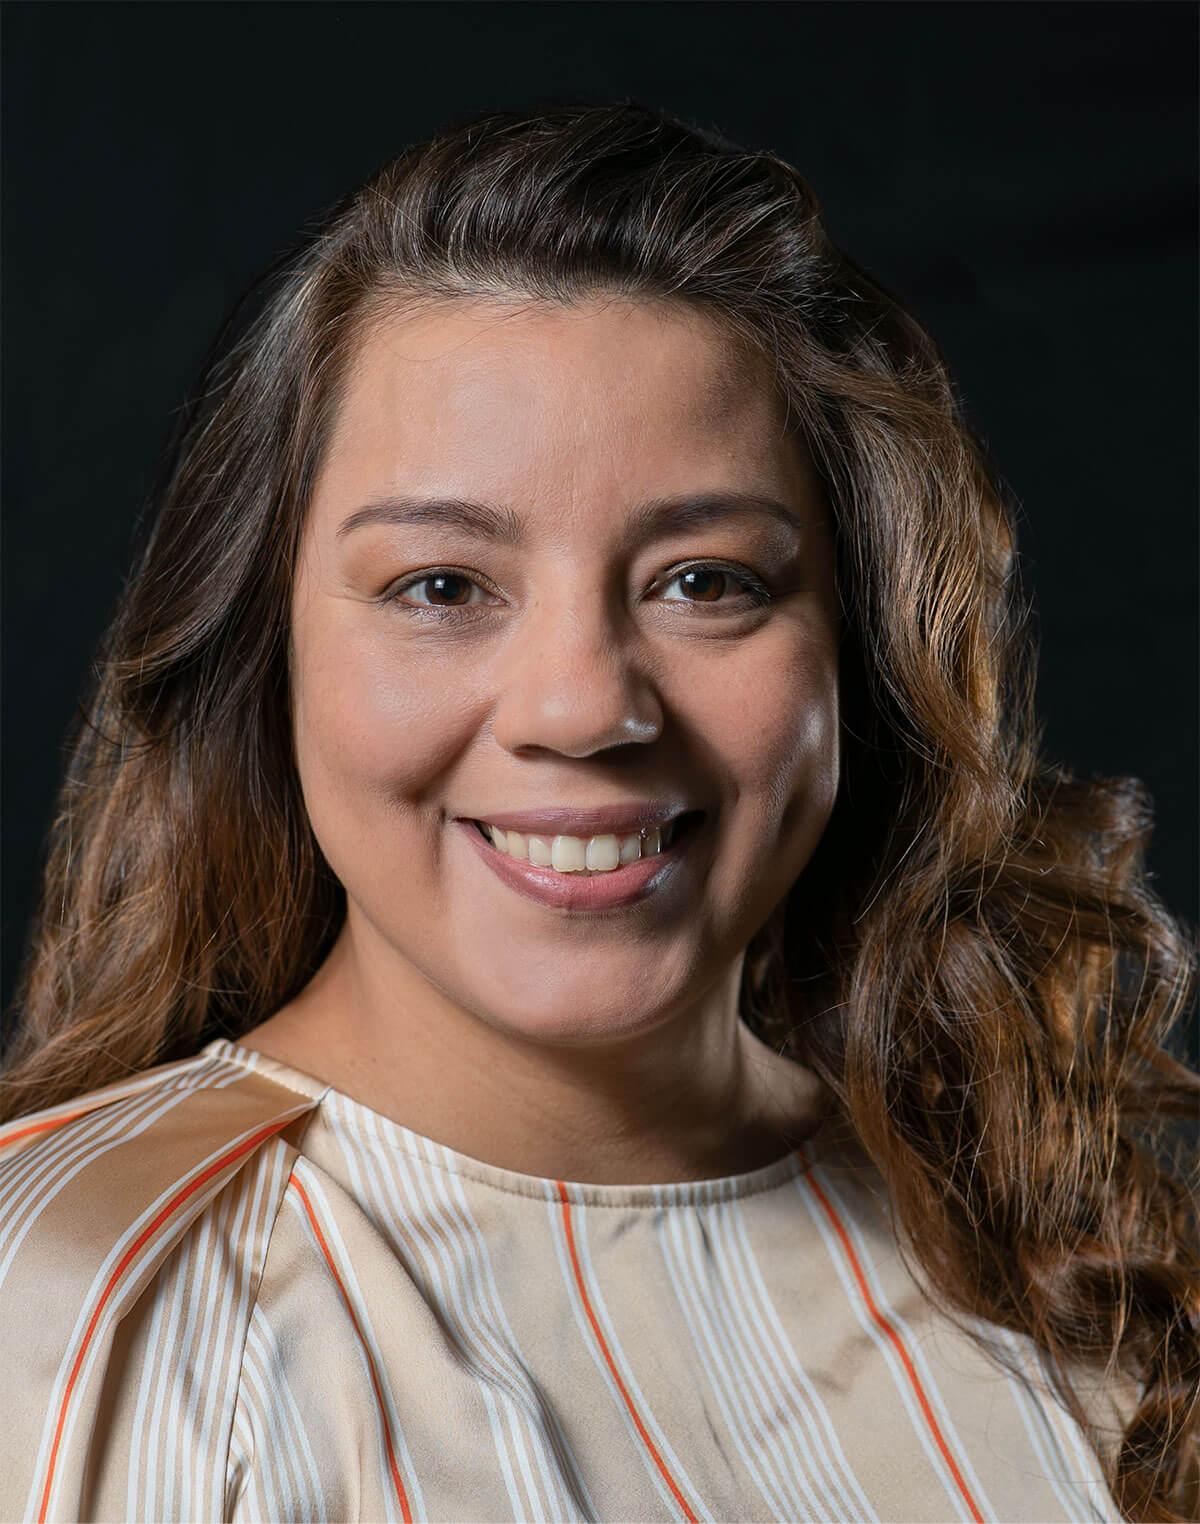 Annette Rocha